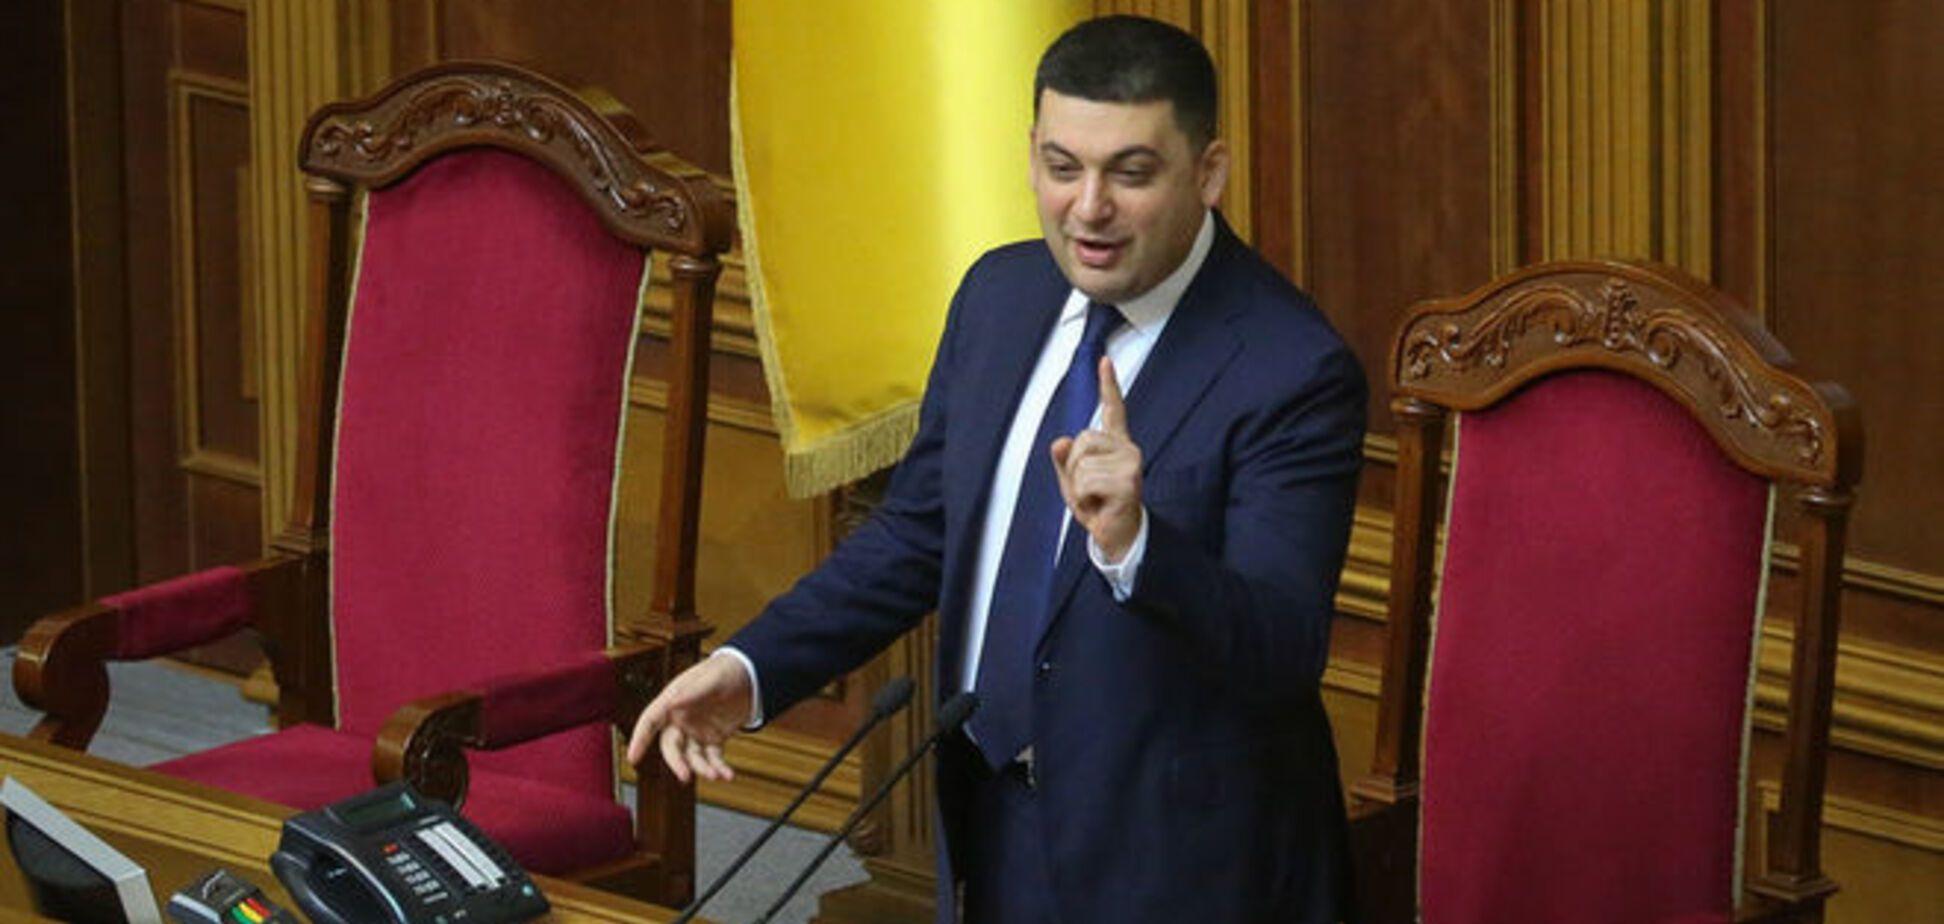 Гройсман отказал рабгруппе Рады продолжить расследование коррупции в Кабмине - Береза